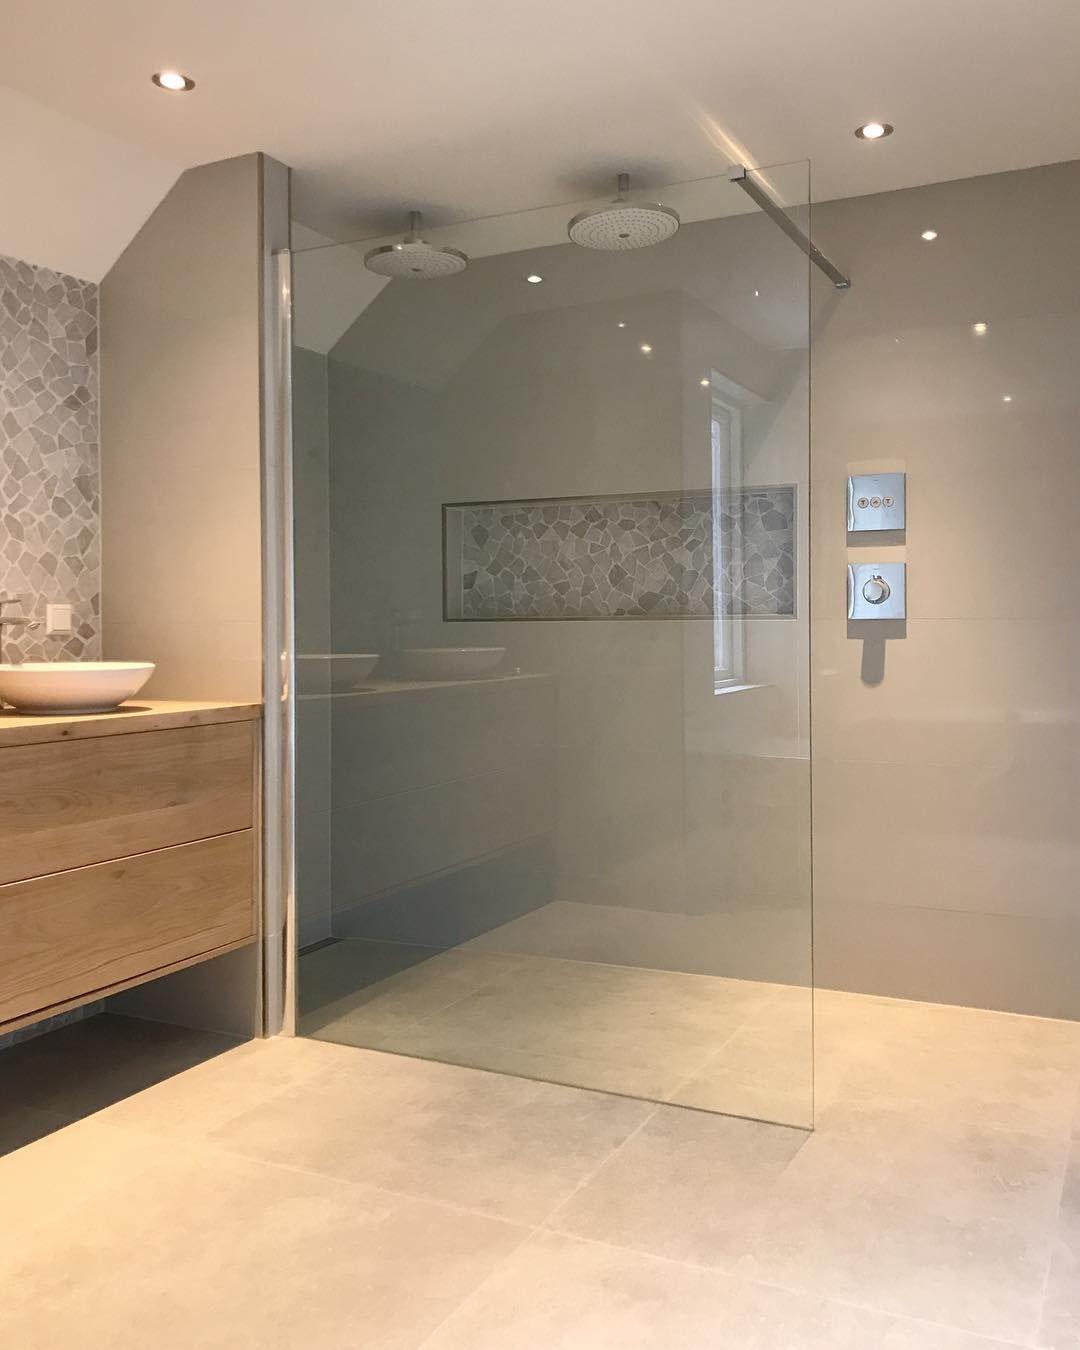 behindertengerechte dusche und wenig aufwand bei der. Black Bedroom Furniture Sets. Home Design Ideas